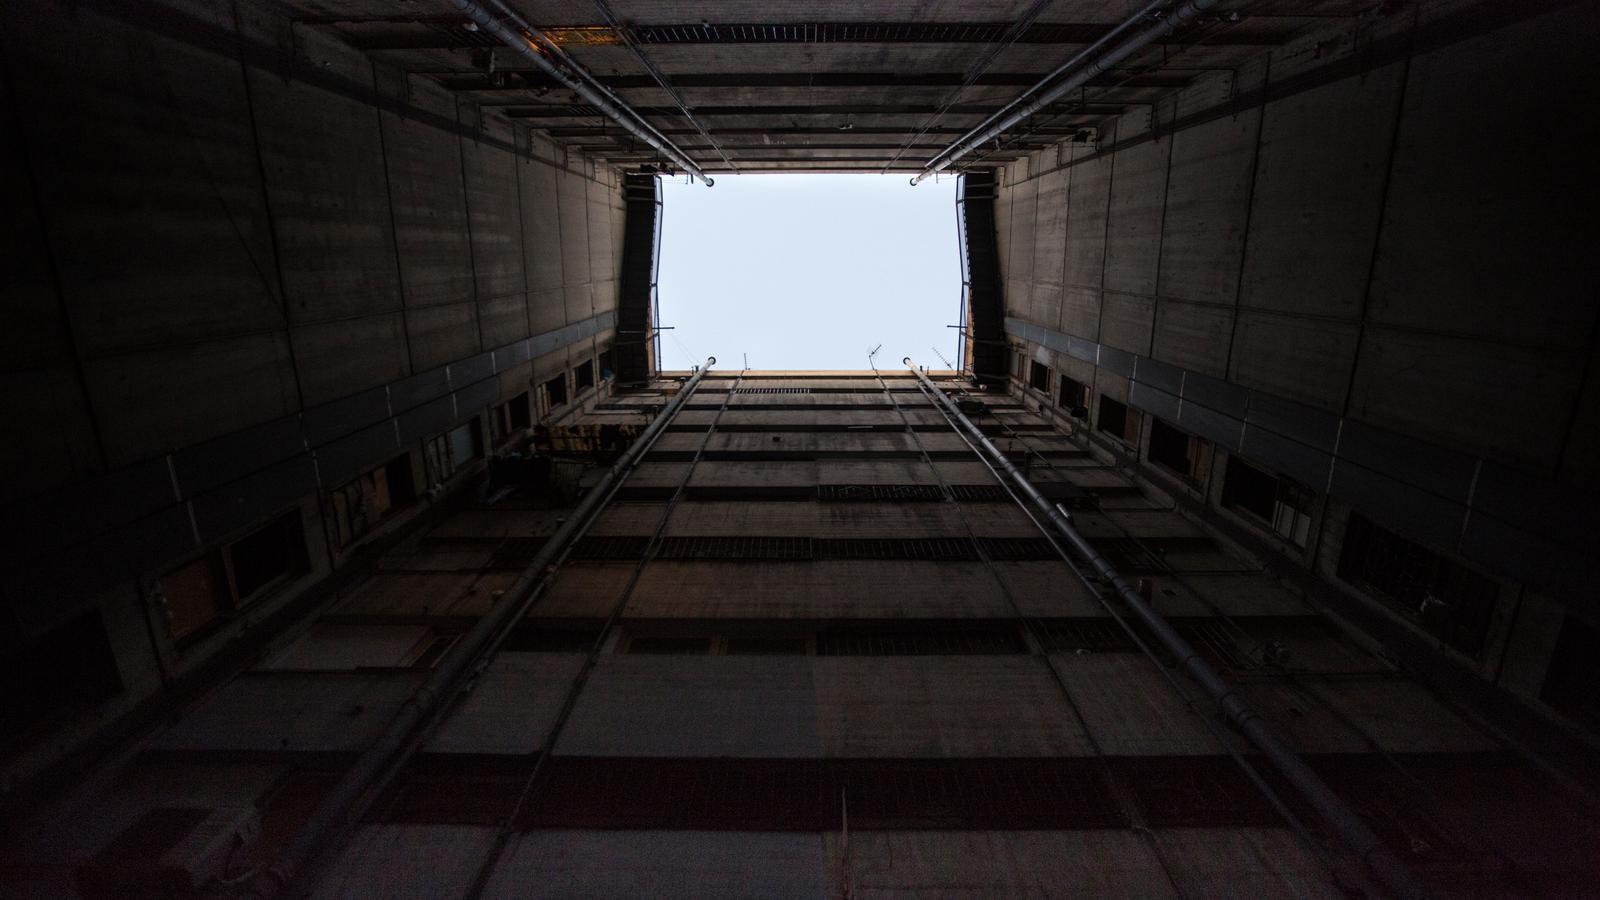 Celobert entre els números 9 i 11 del carrer Venus de la Mina, amb llum en un sol pis que s'hauria connectat al corrent d'un altre edifici